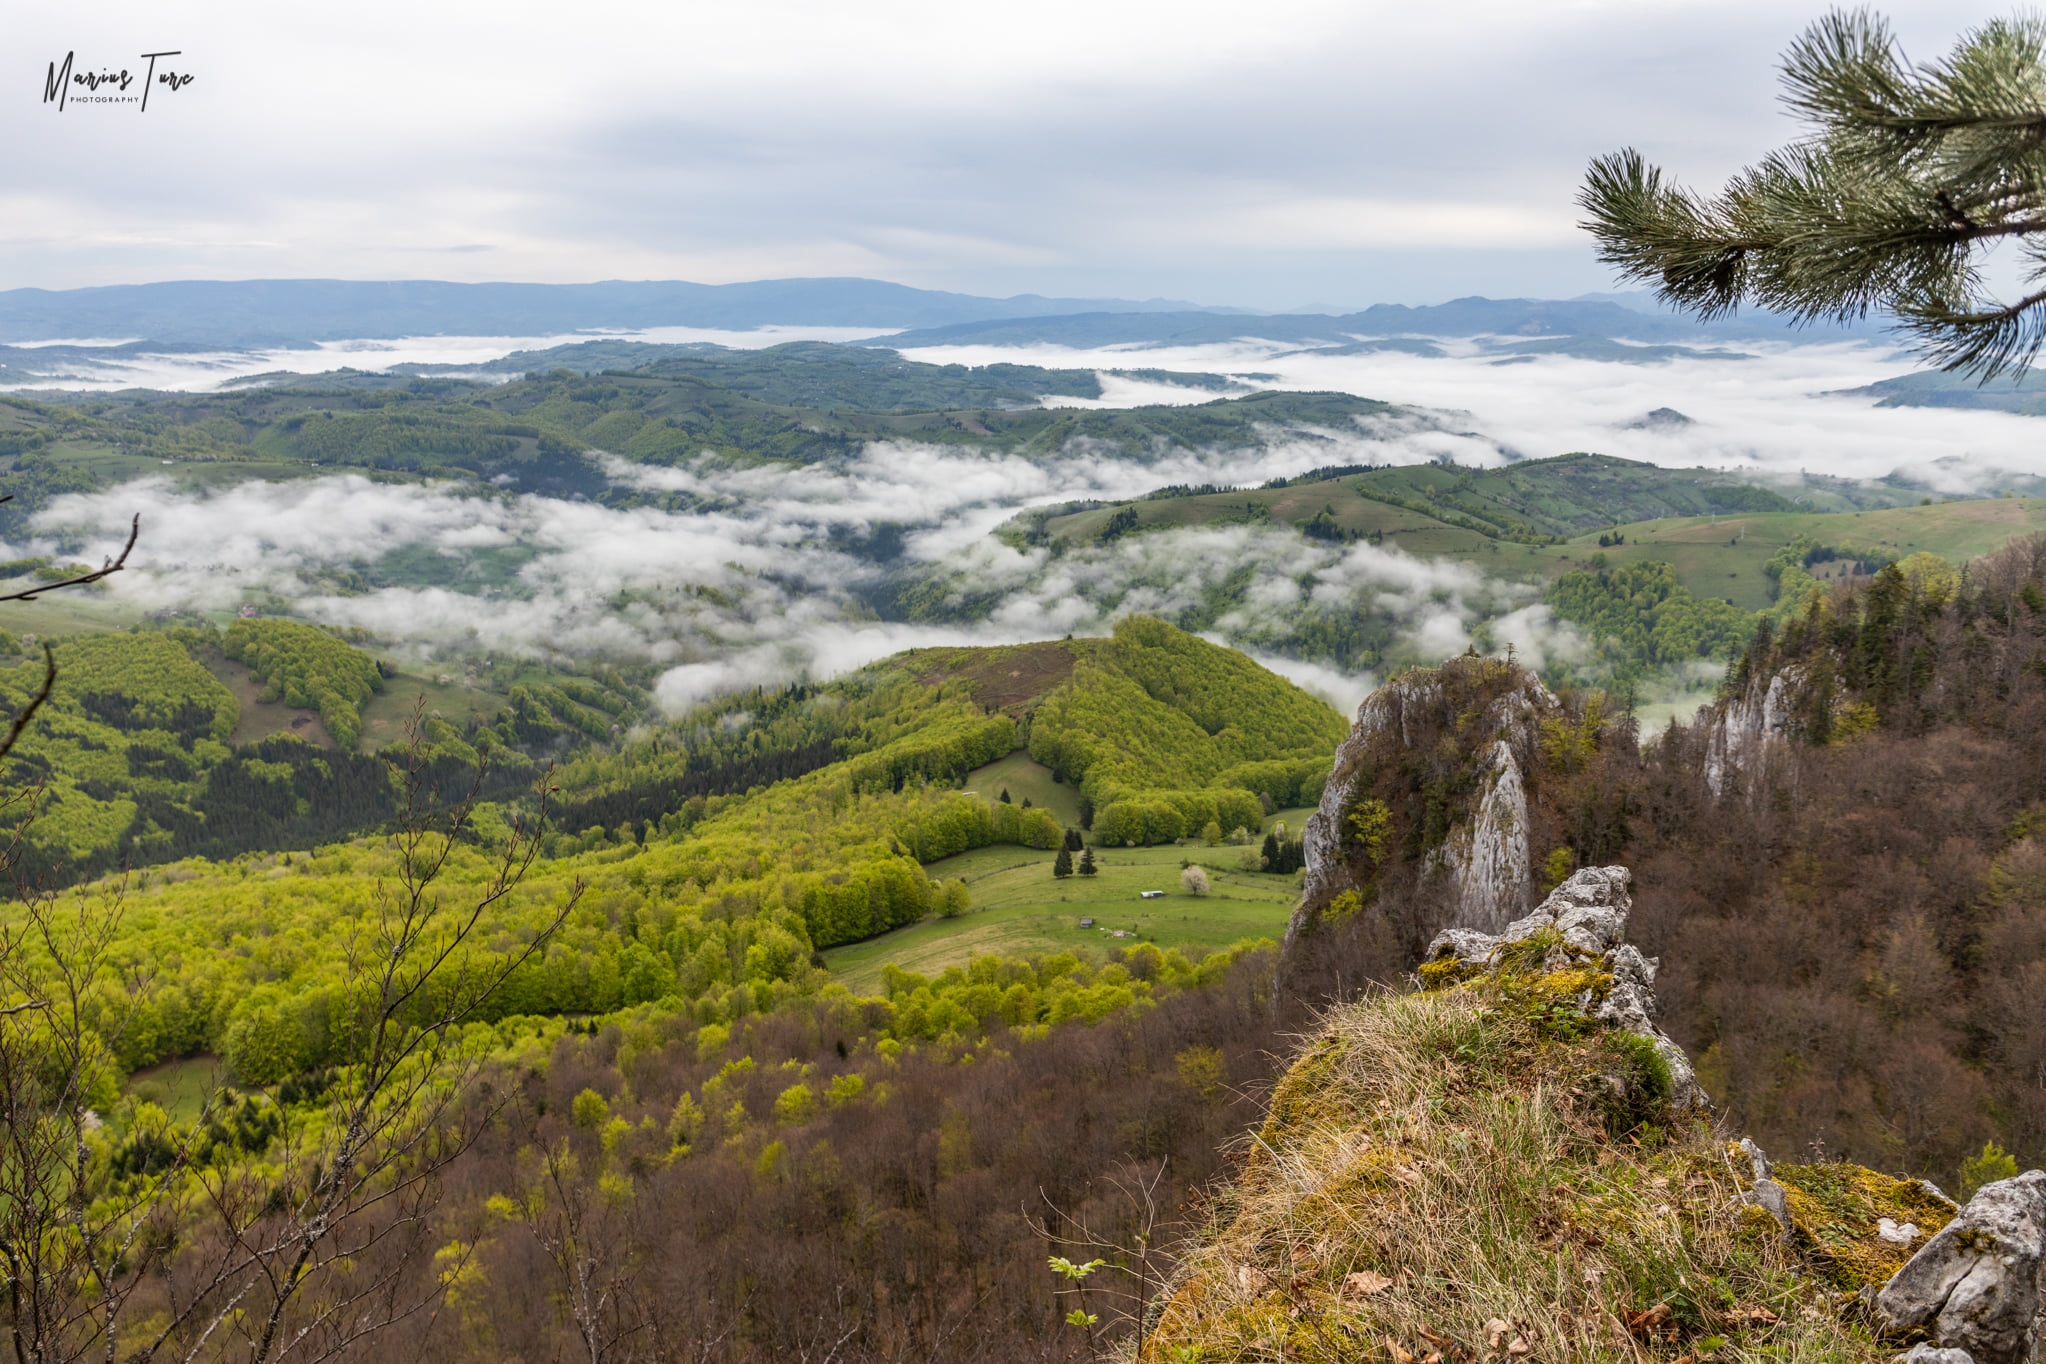 Punct de belvedere spre Valea Arieșului - Marius Turc